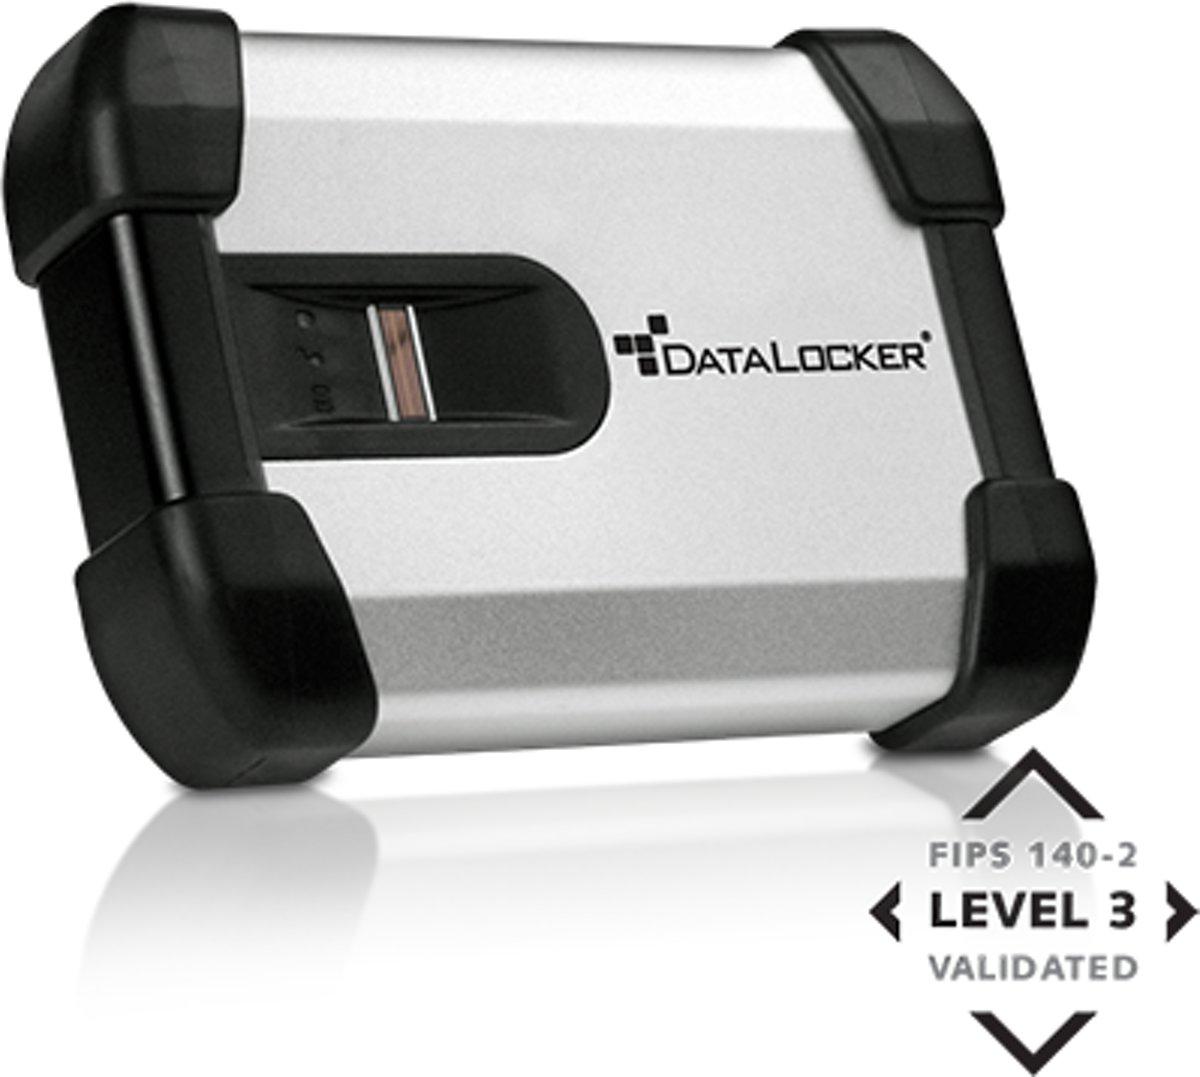 DataLocker H200 320GB Biometrie FIPS 140-2 Level 3 - Externe HDD harde schijf kopen